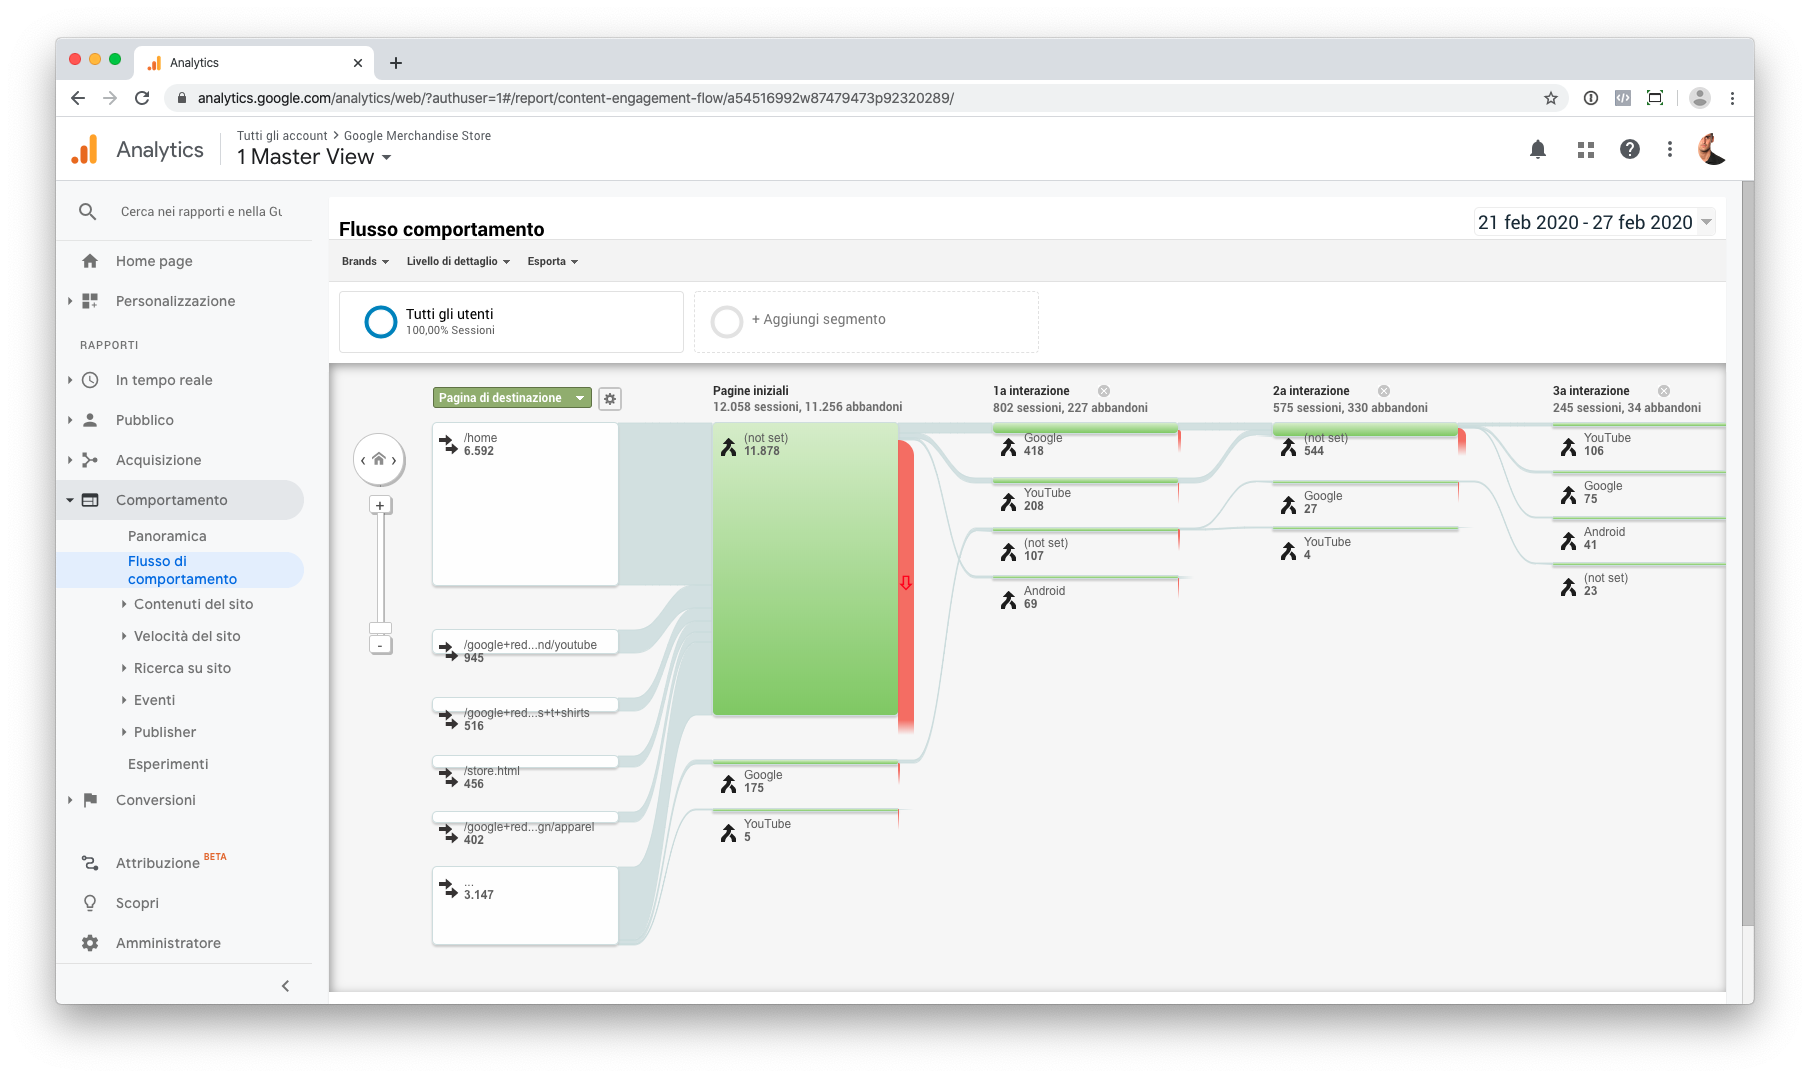 Report flusso di comportamento in Google Analytics